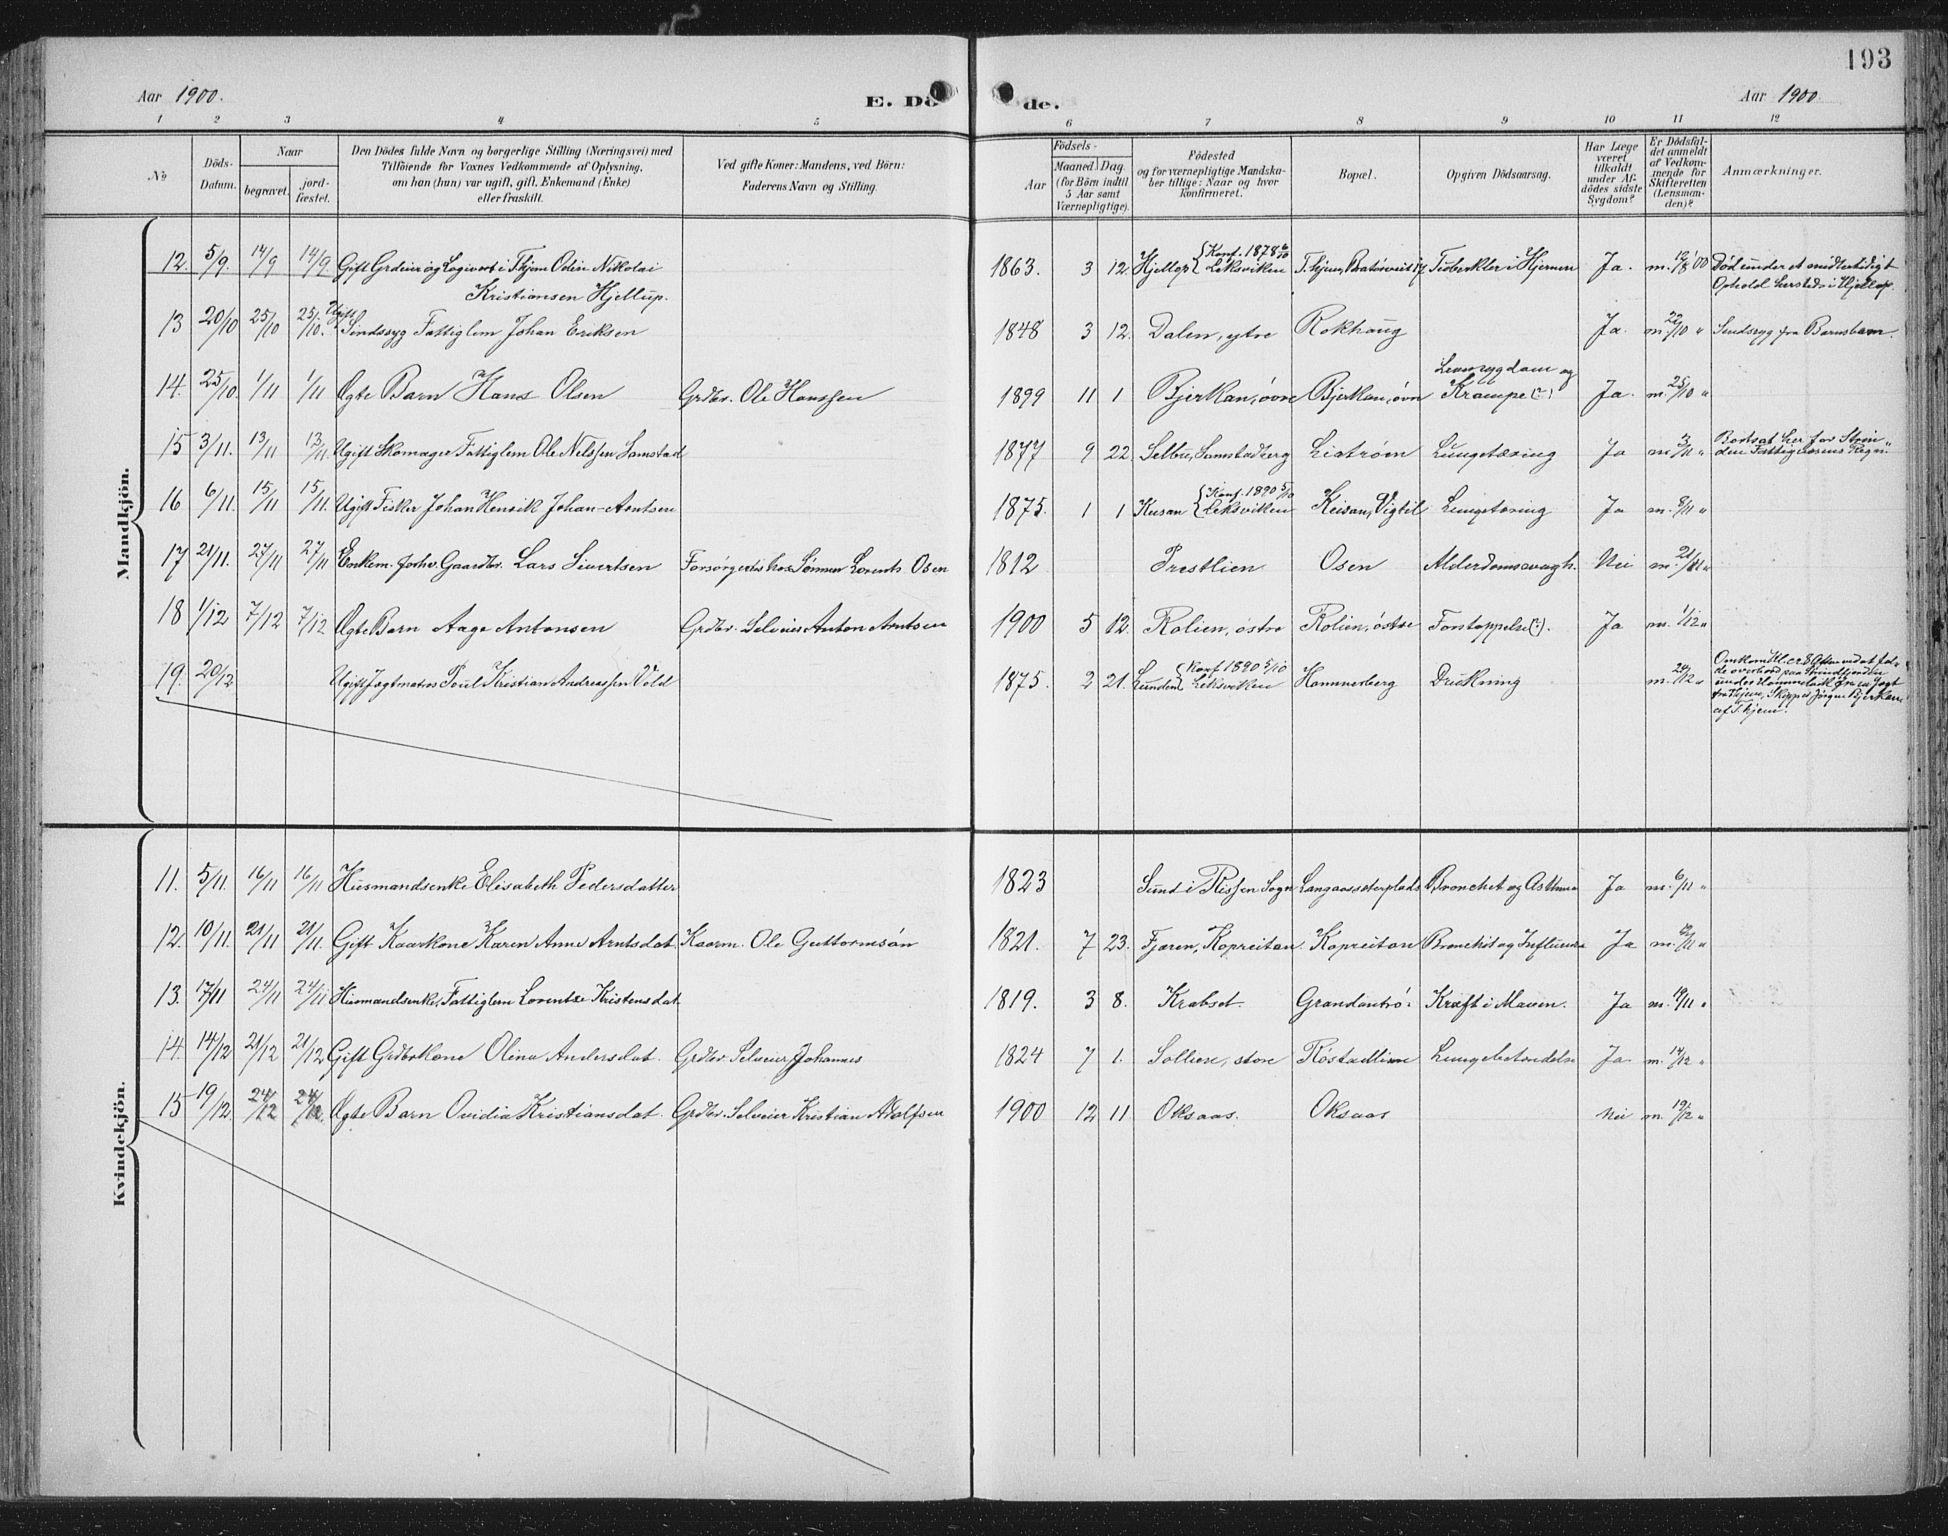 SAT, Ministerialprotokoller, klokkerbøker og fødselsregistre - Nord-Trøndelag, 701/L0011: Ministerialbok nr. 701A11, 1899-1915, s. 193